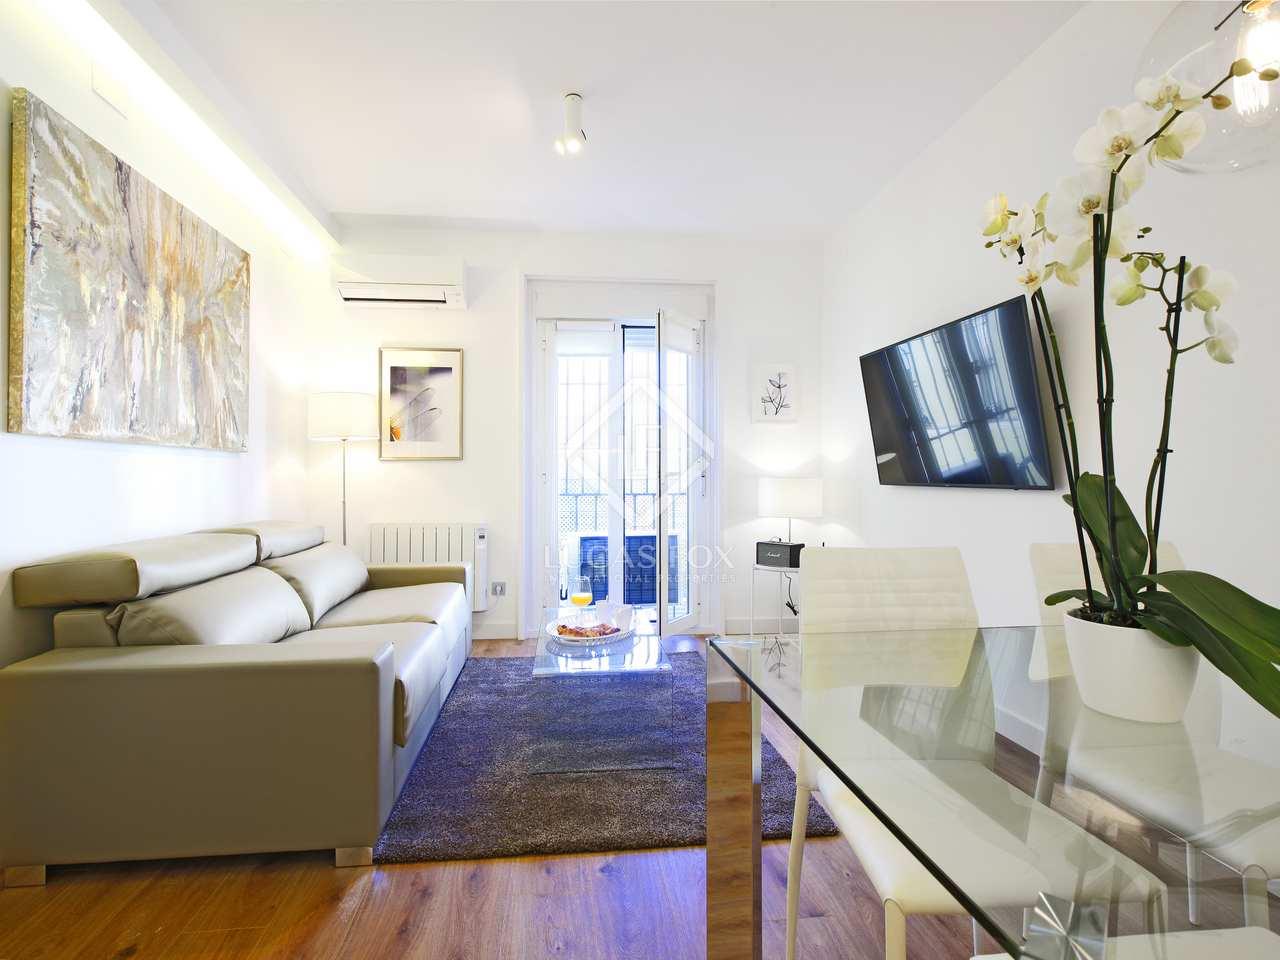 Piso de 1 dormitorio en alquiler en cortes huertas madrid for Piso 1 dormitorio